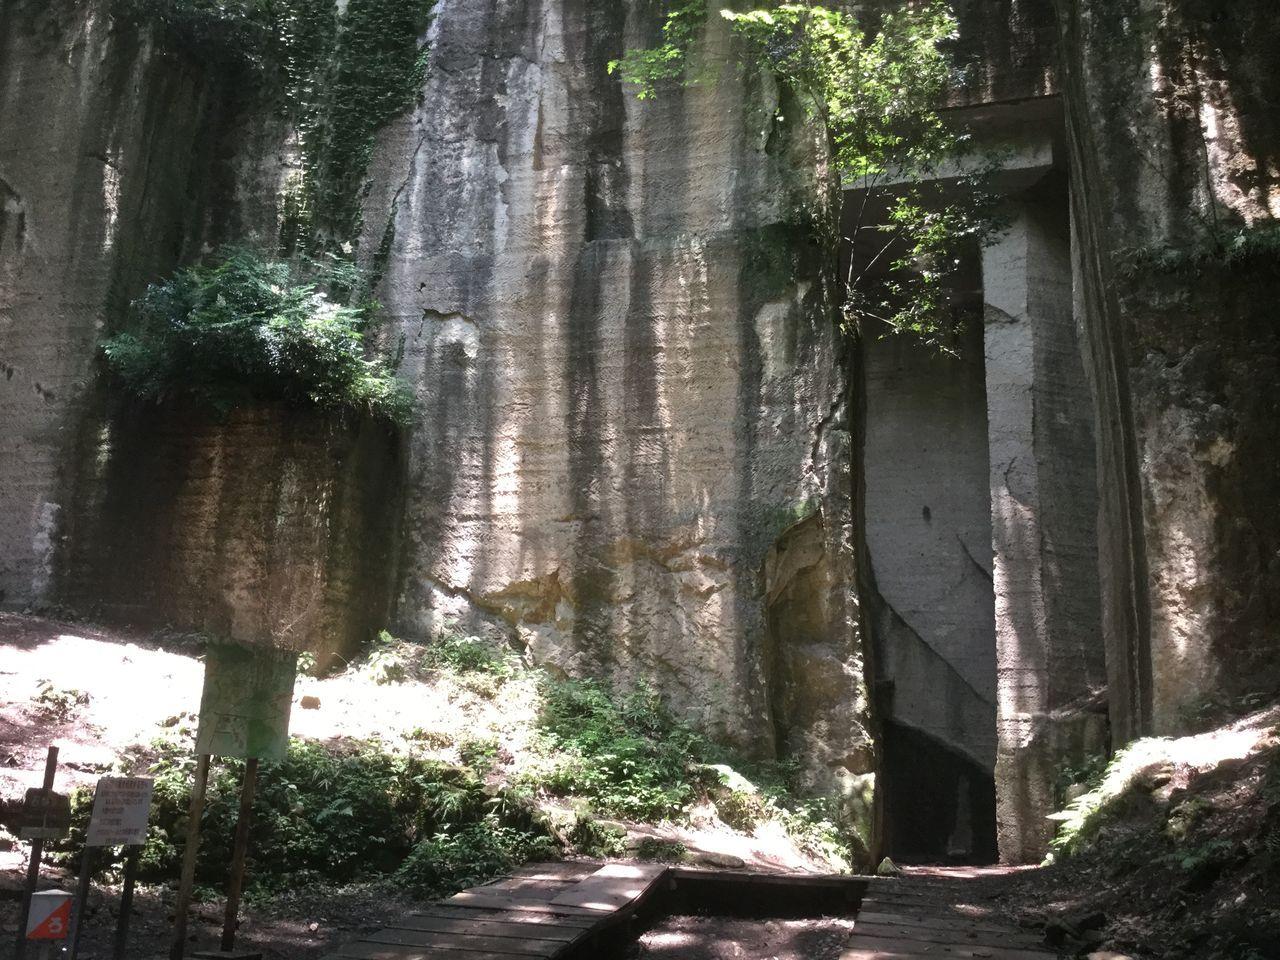 静かな森の中にたたずむ巨大な岩壁!